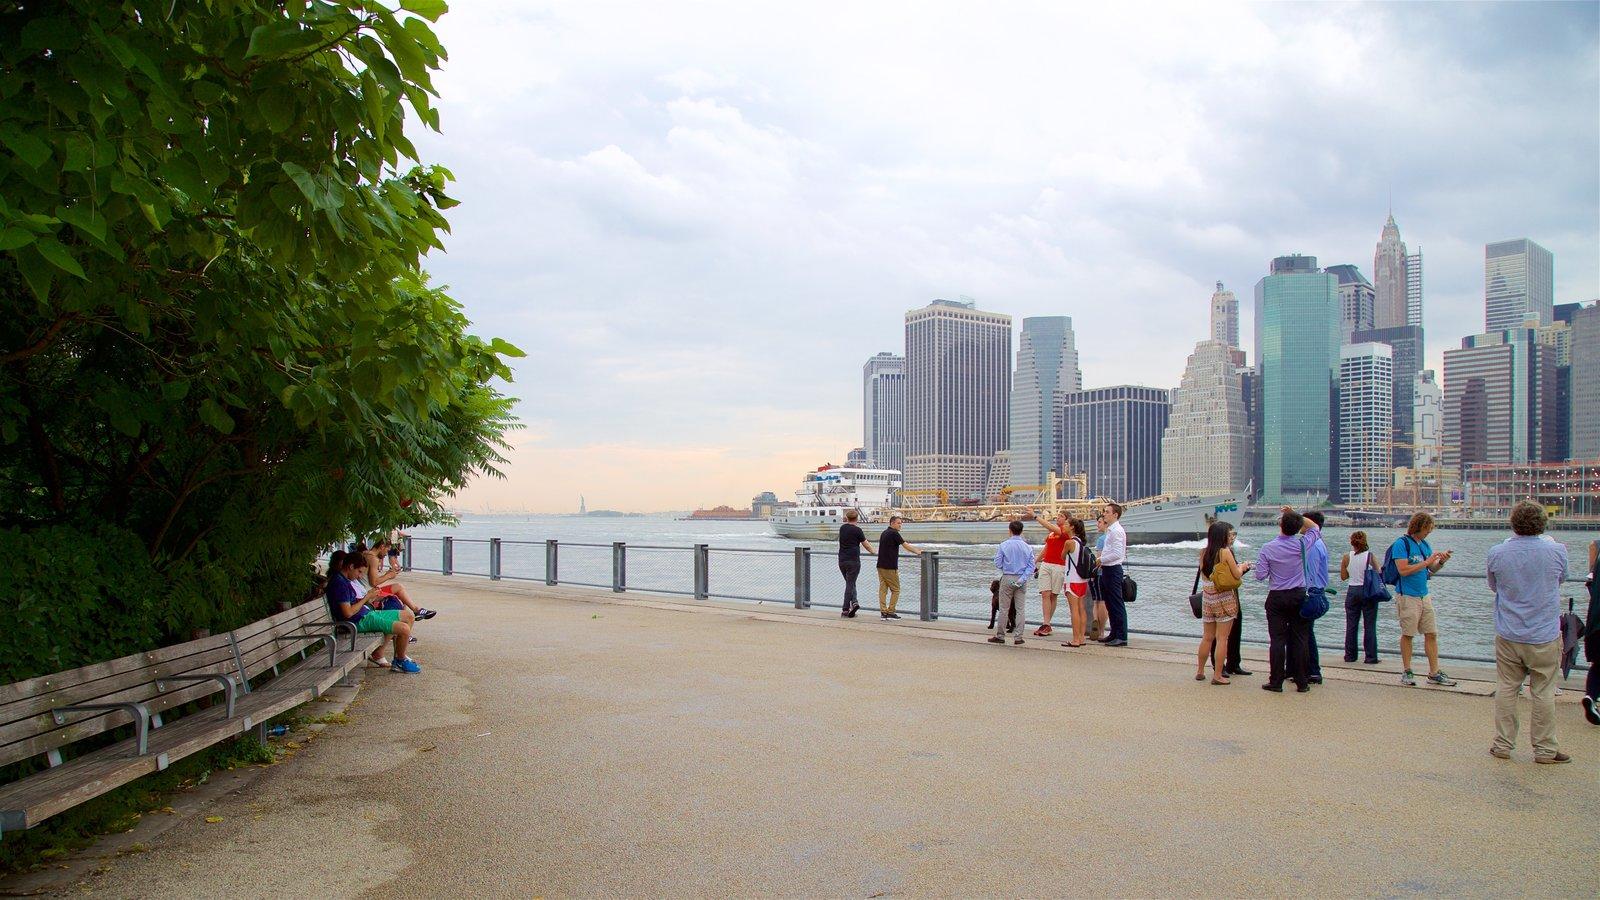 Brooklyn Heights Promenade mostrando uma cidade e um rio ou córrego assim como um pequeno grupo de pessoas